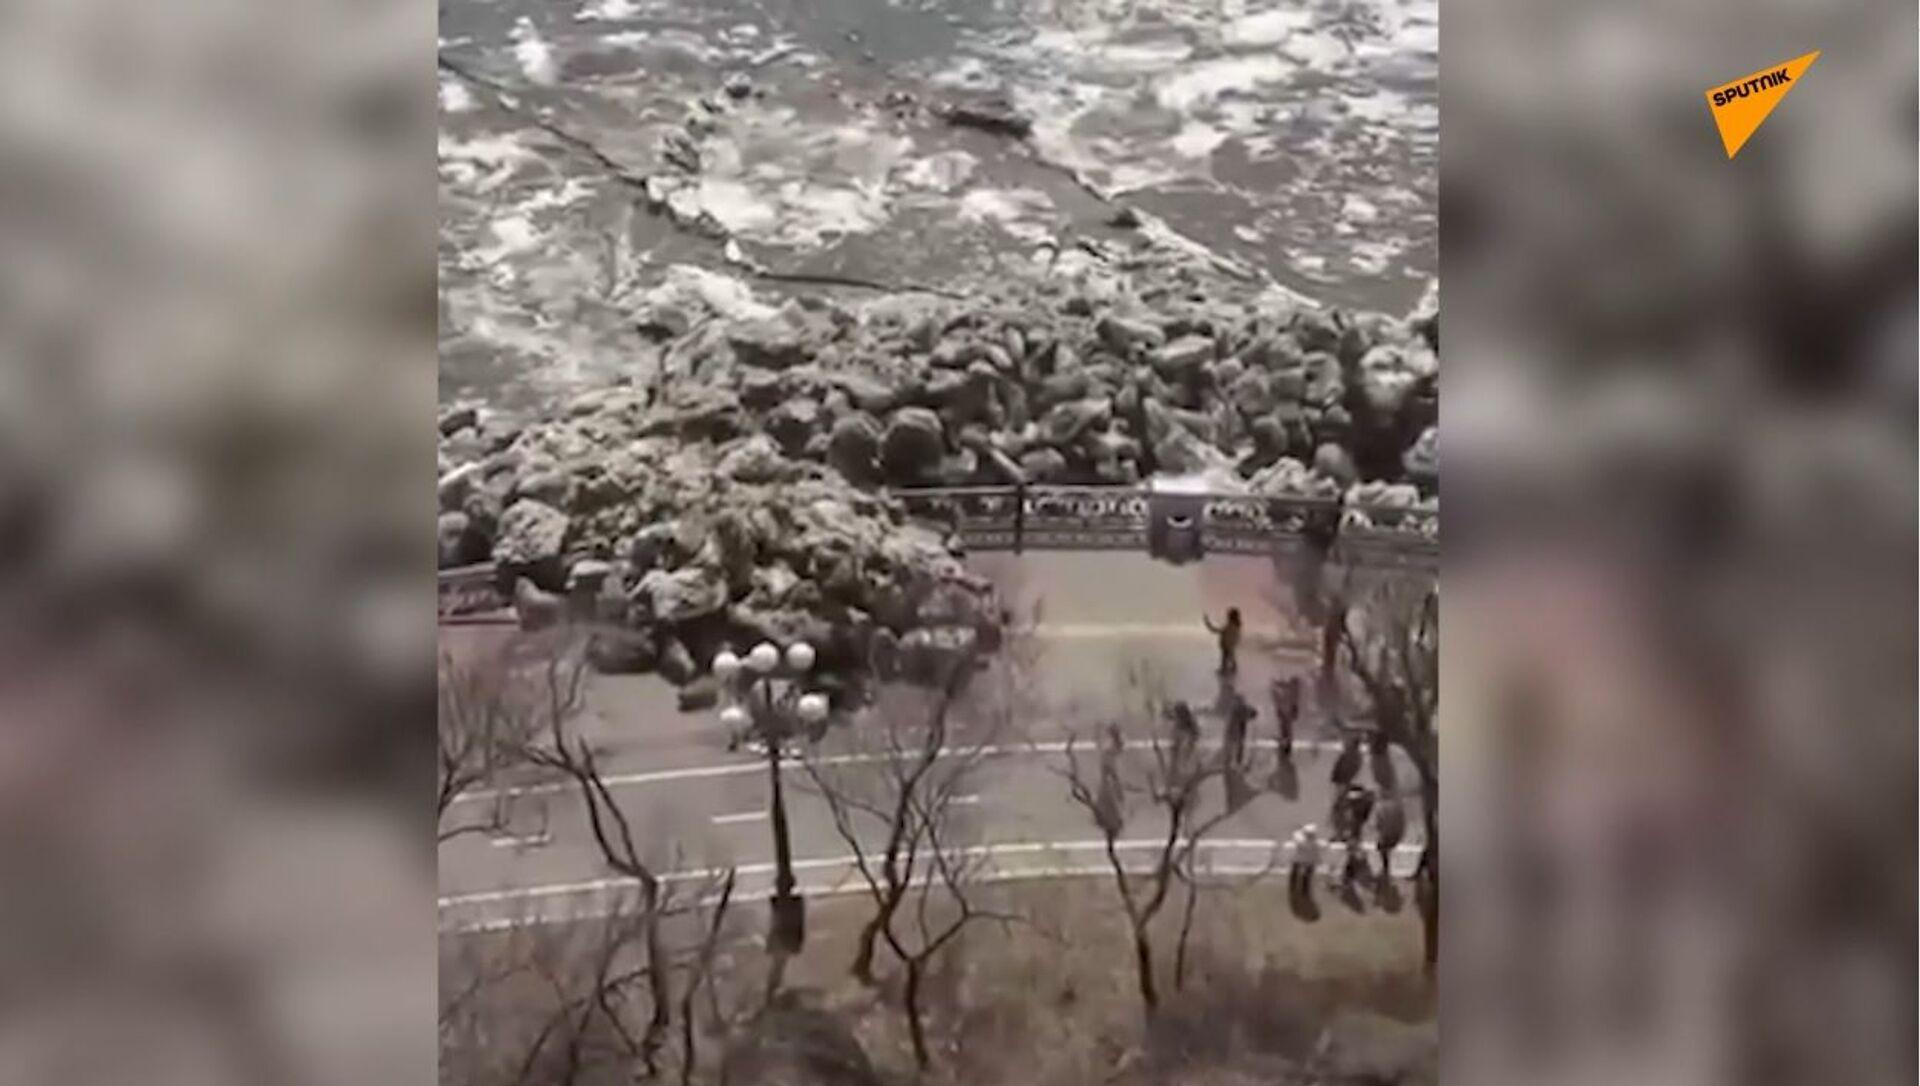 Primavera in Siberia: disgelo provoca deriva di ghiaccio che rompe argini e distrugge strade - Sputnik Italia, 1920, 22.04.2021